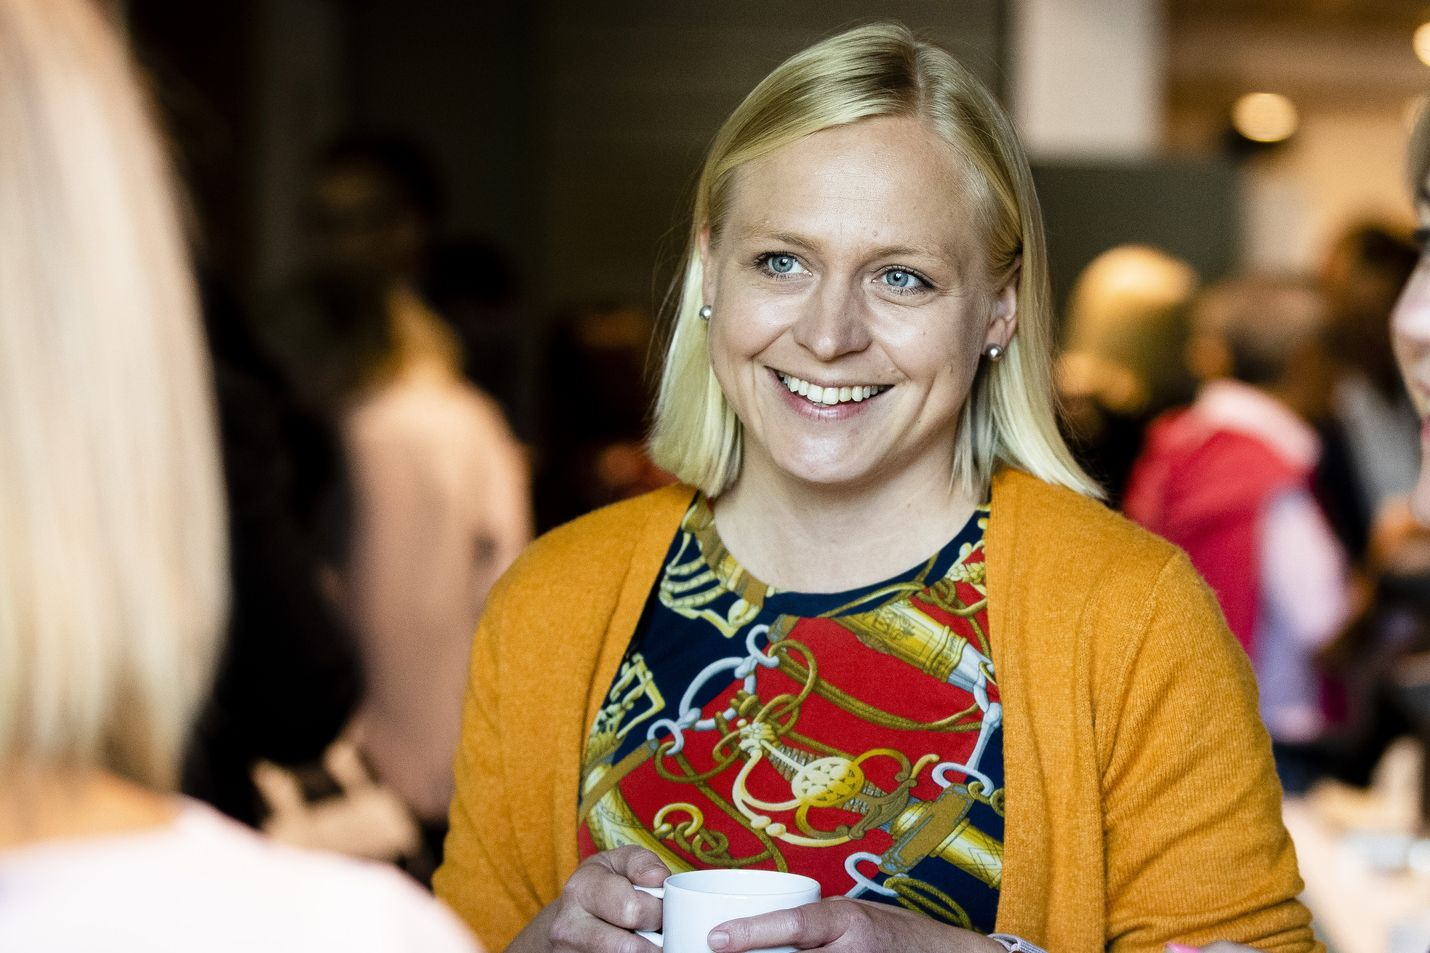 Kansanedustaja Elina Lepomäki tekee ratkaisun maaliskuussa, lähteekö tavoittelemaan kokoomuksen varapuheenjohtajuutta.